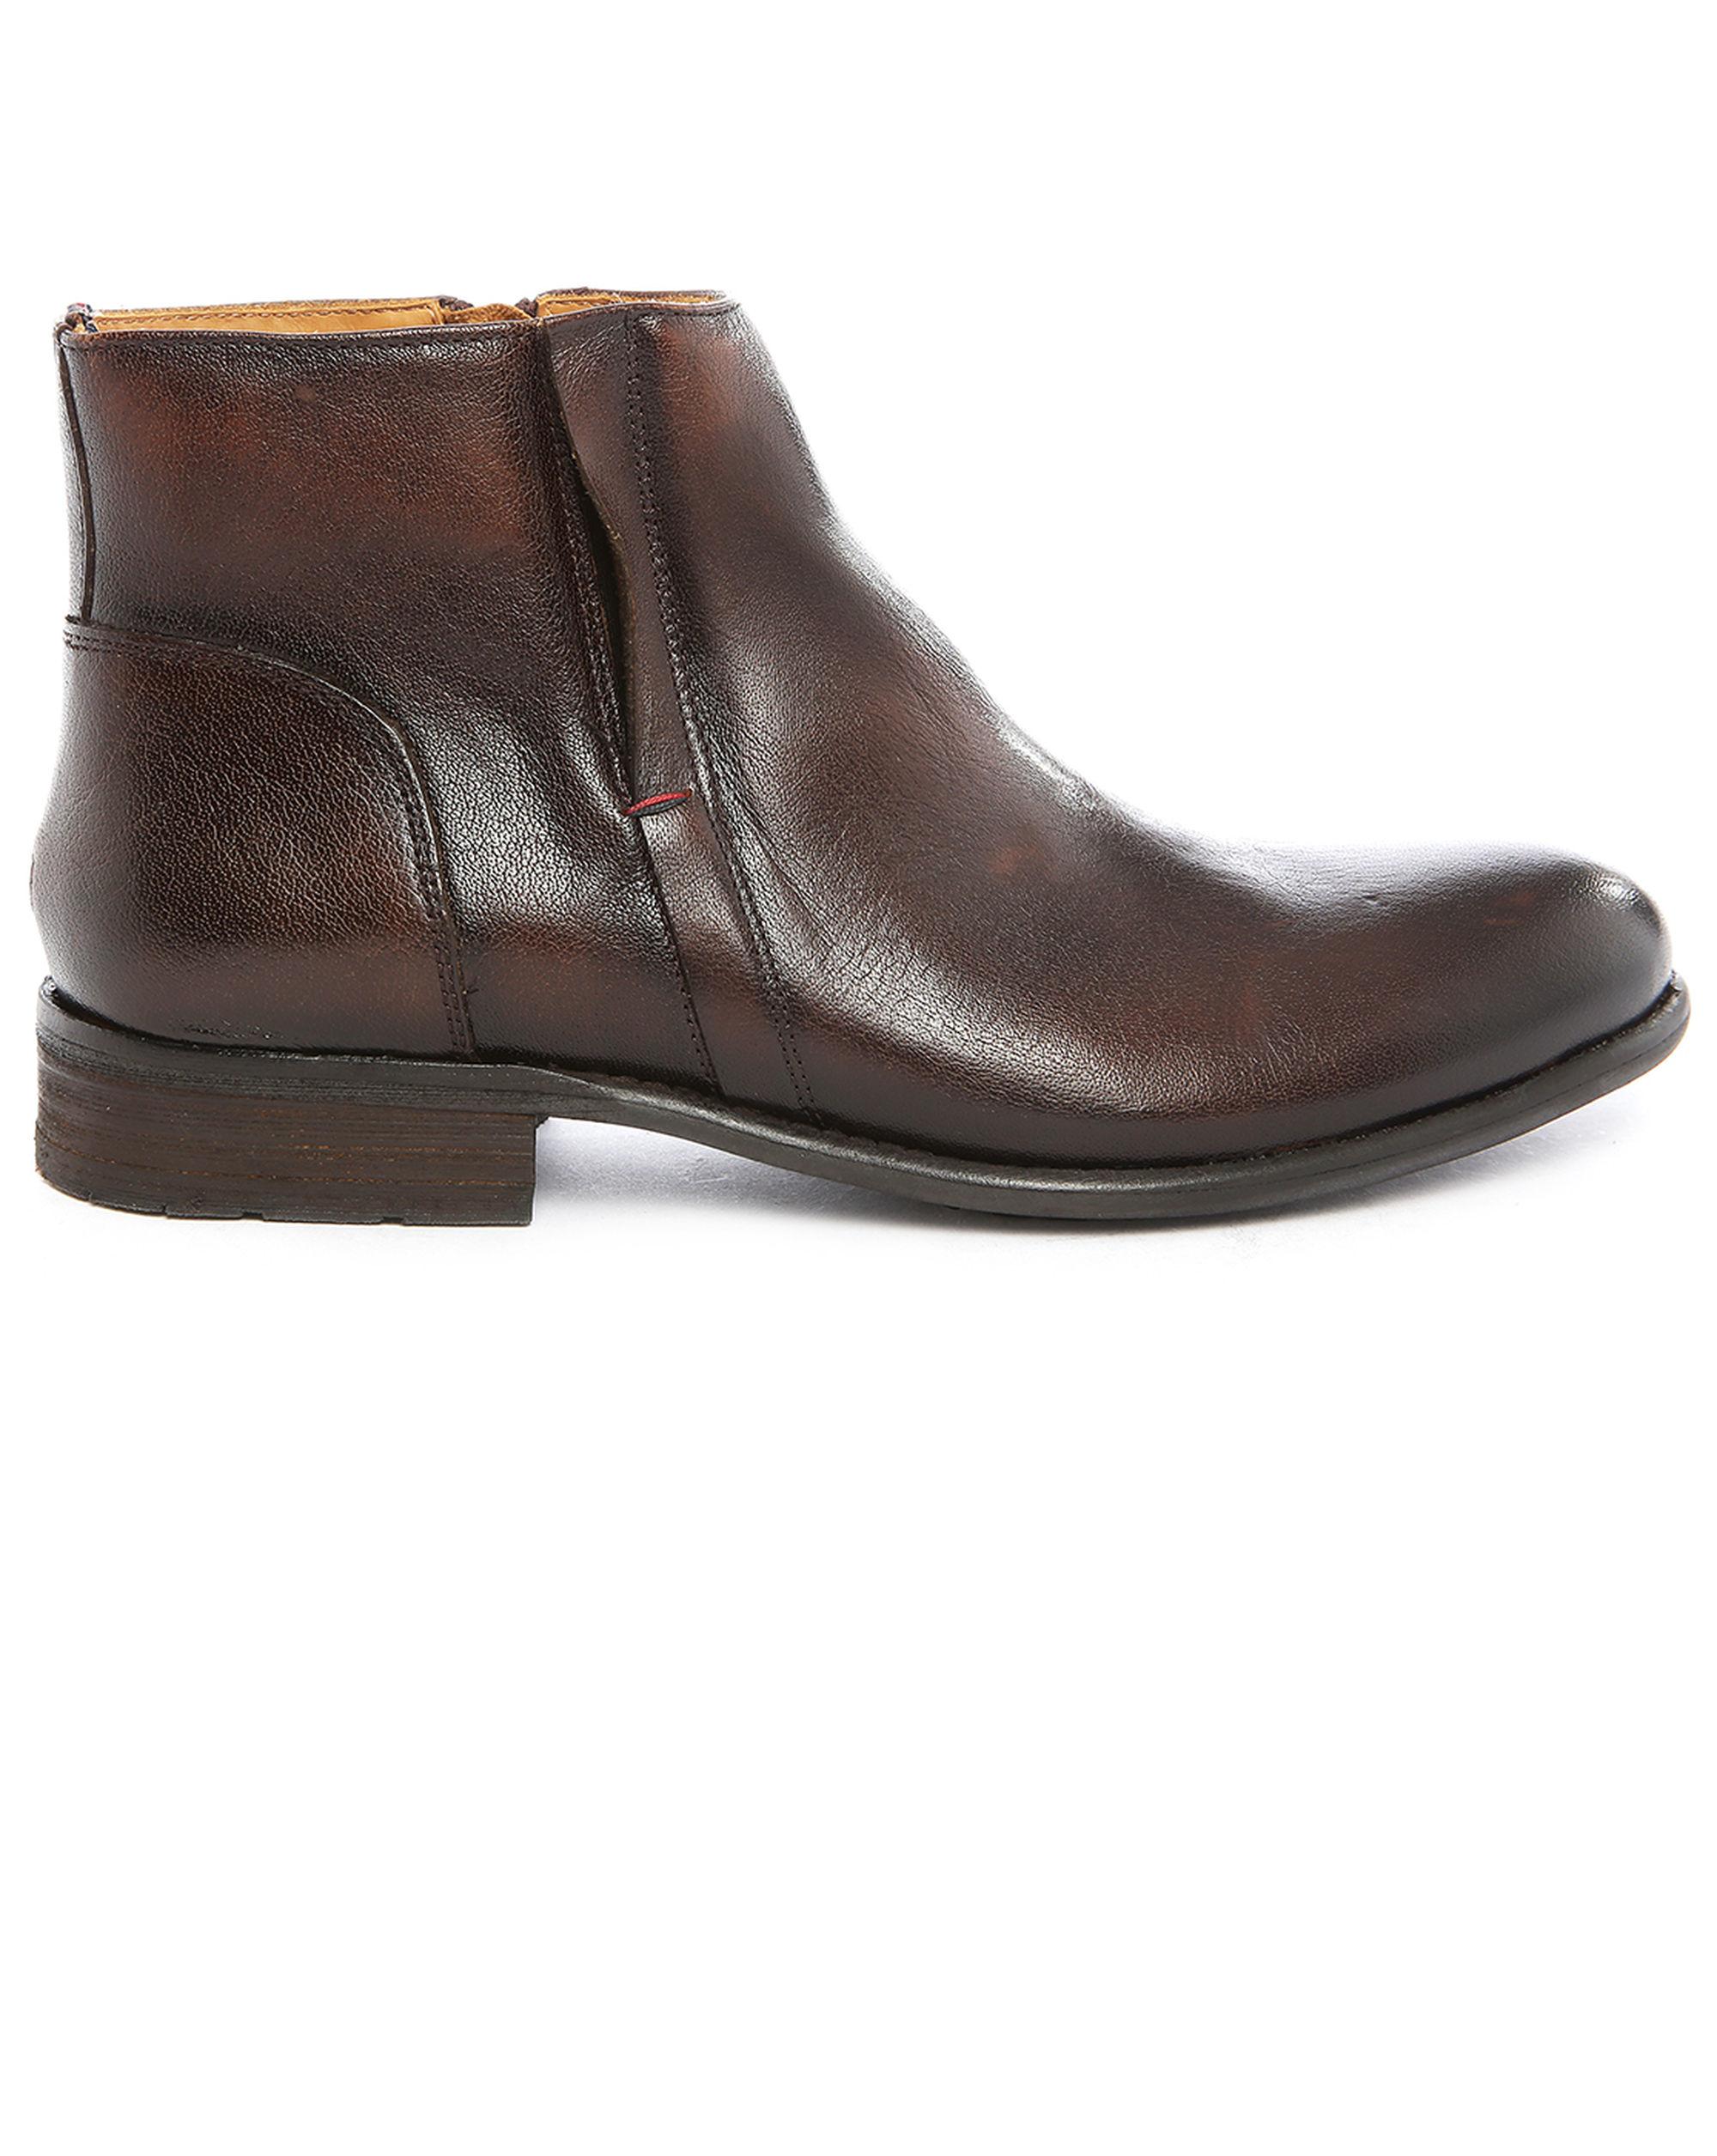 boots tommy hilfiger damen buy tommy hilfiger womens. Black Bedroom Furniture Sets. Home Design Ideas